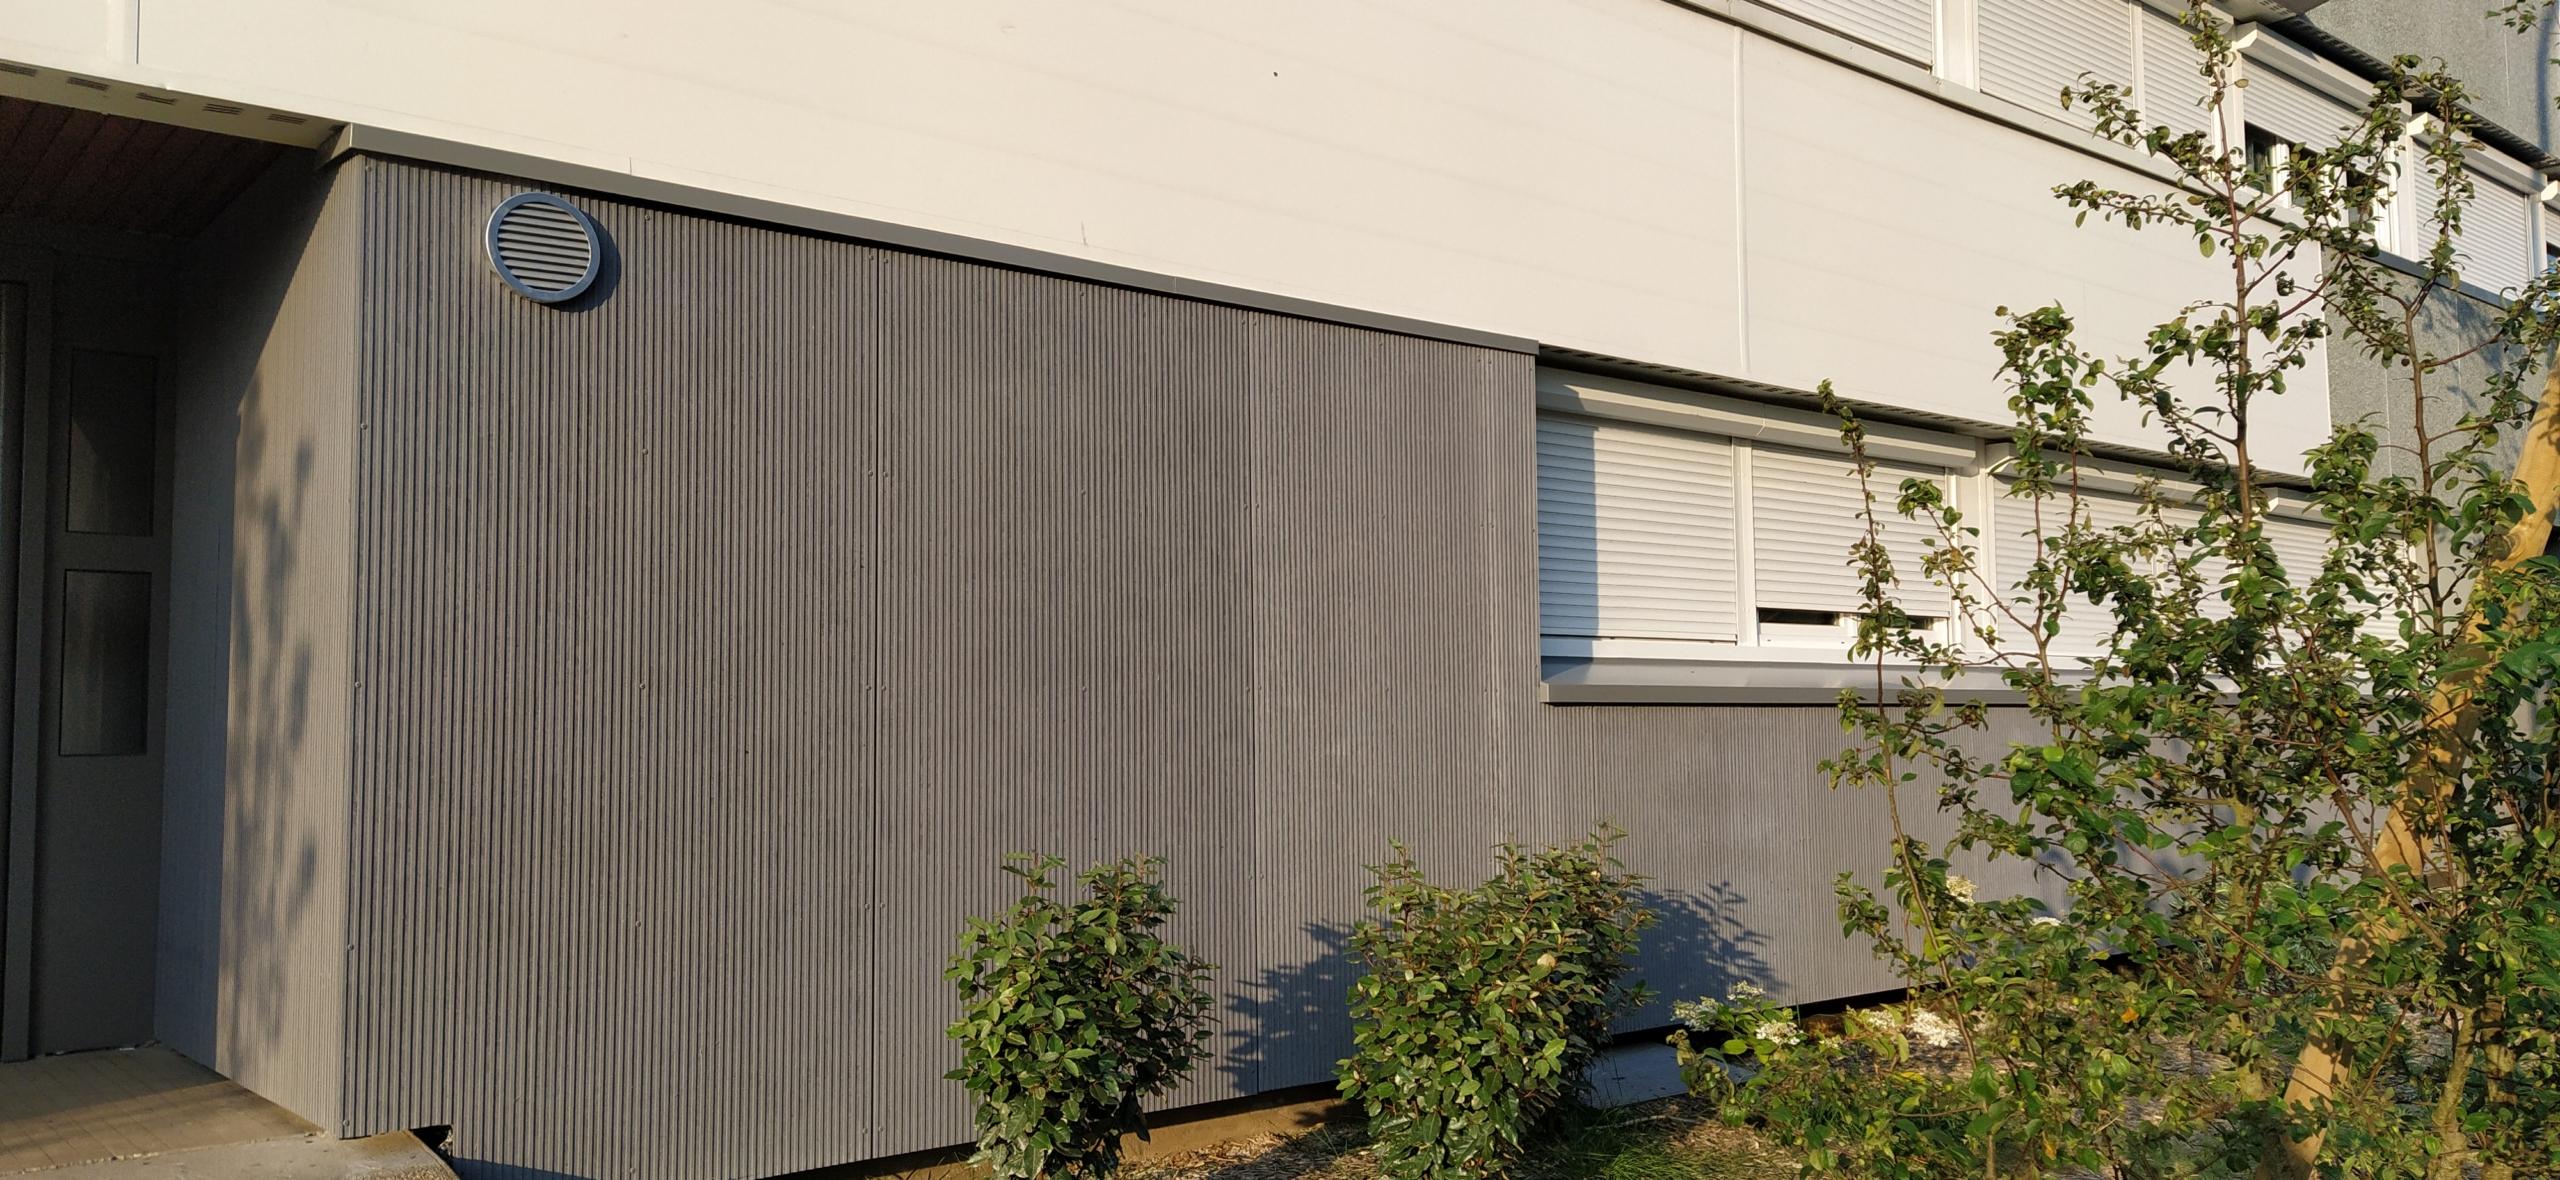 Façades Résidence Croix Bonneau en panneau fibrociment rainuré Linéa gris